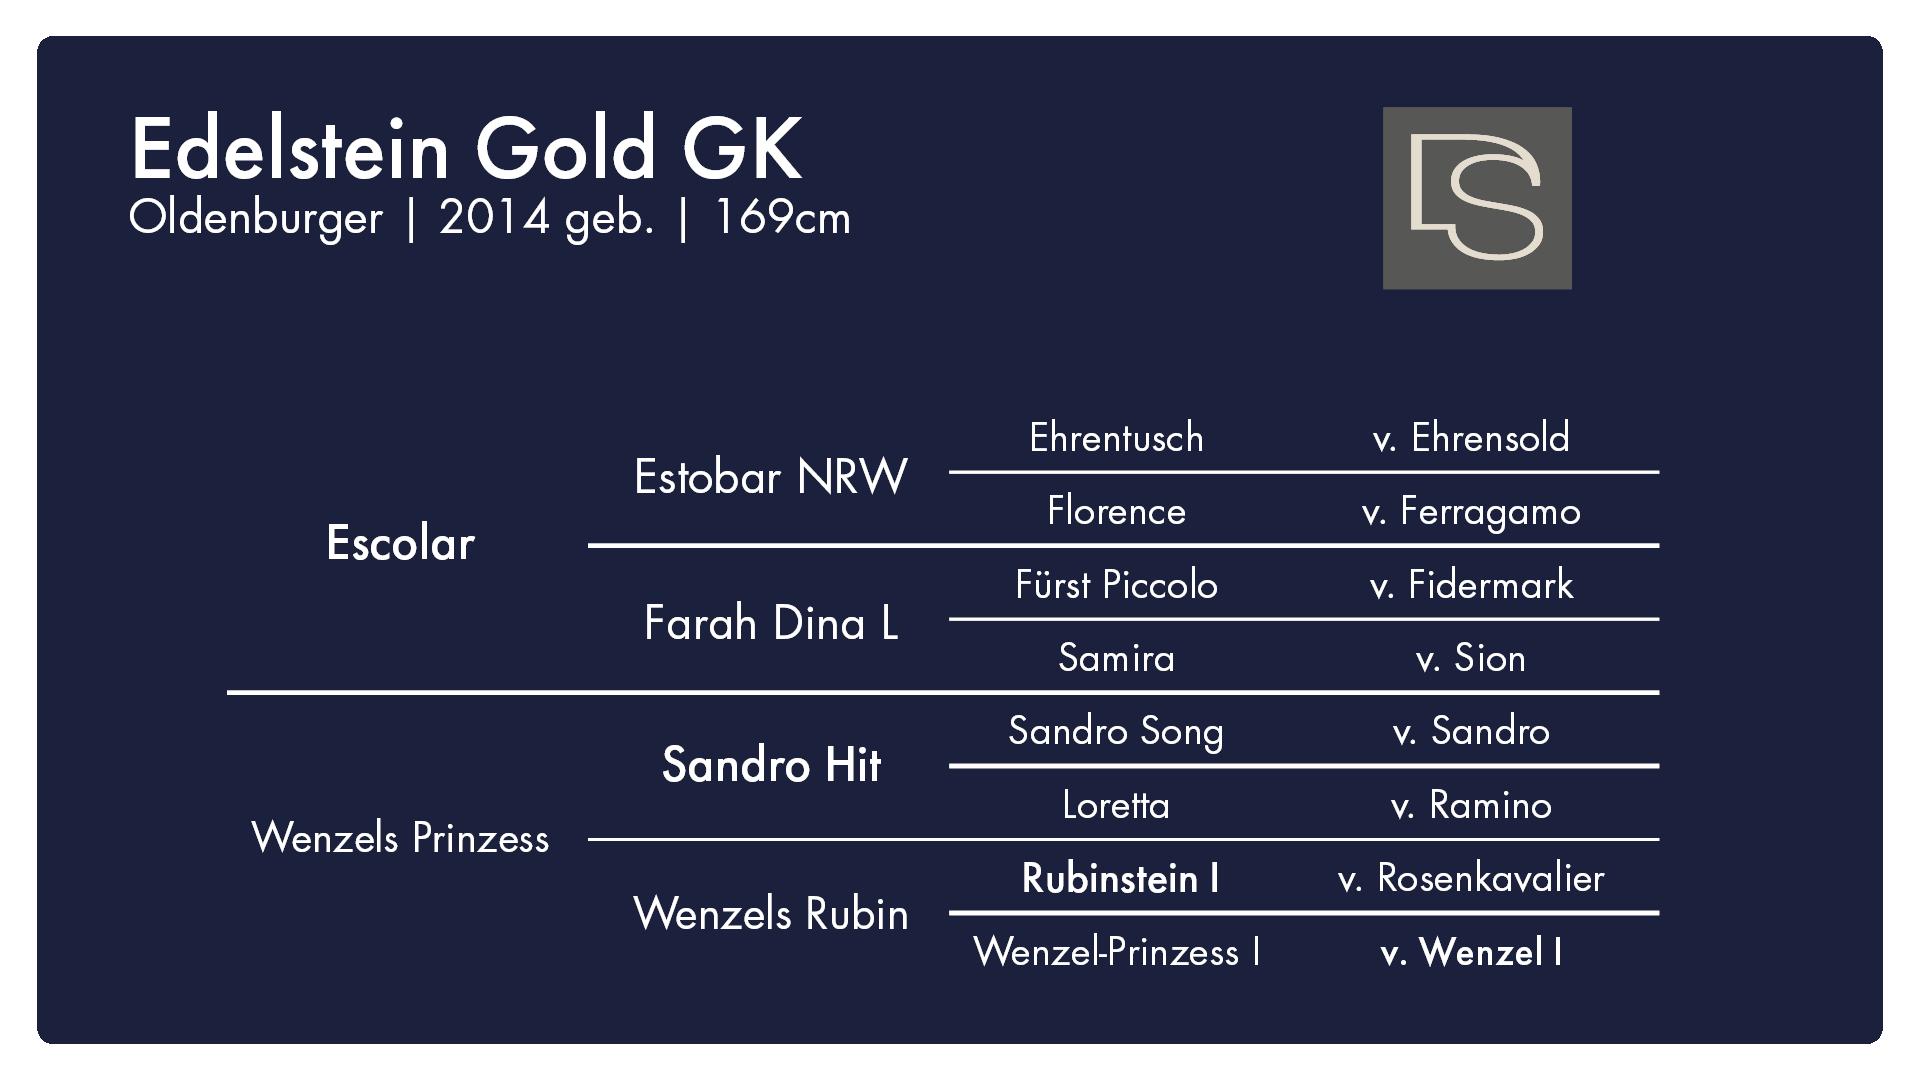 Edelstein Gold - 1. Burghof-Online-Hengstschau